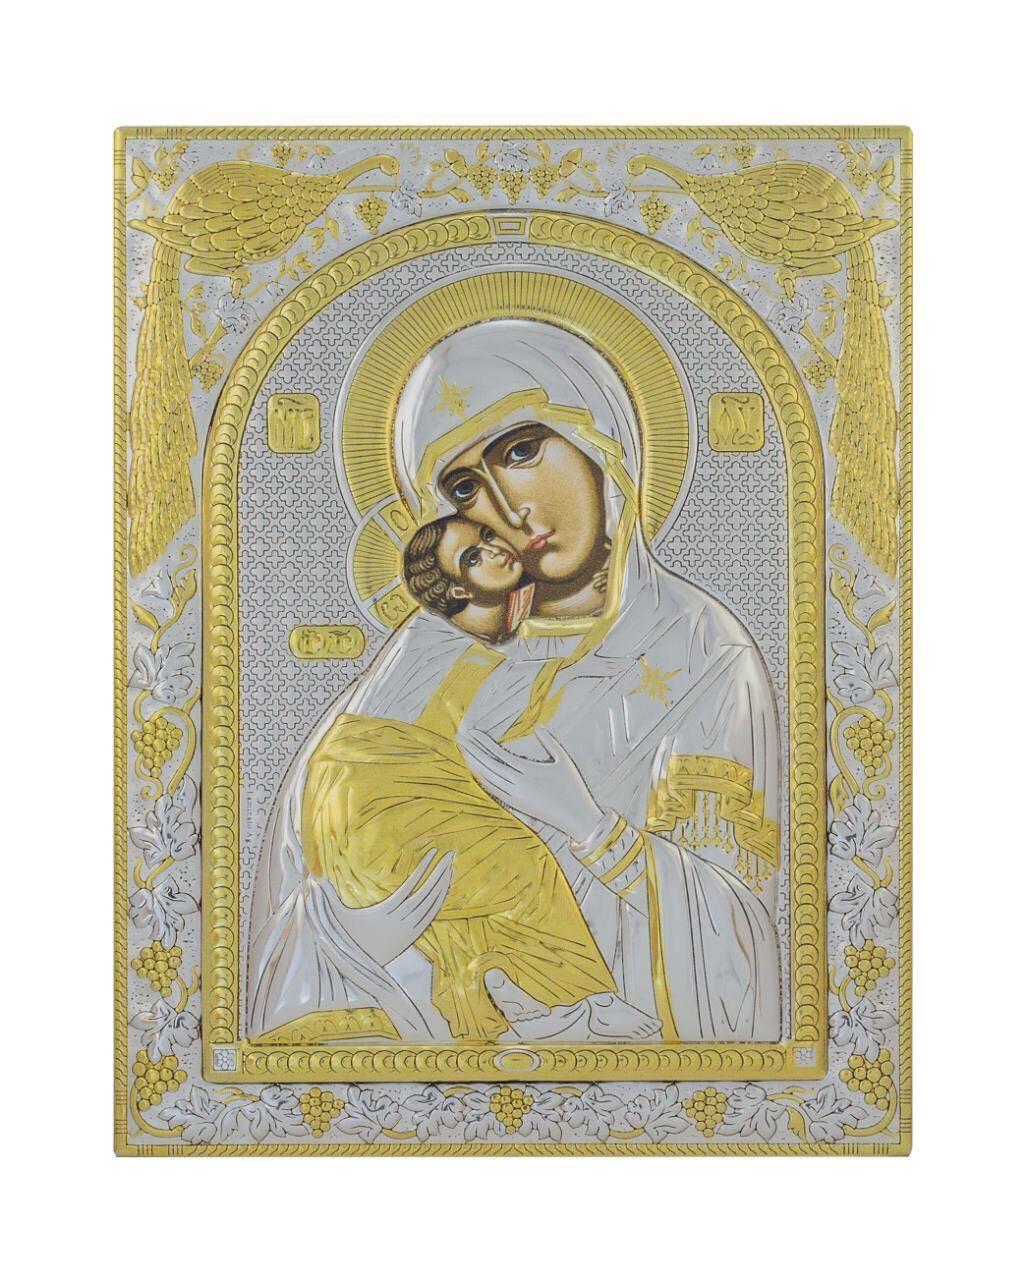 Владимирская икона Божией Матери 120 мм х 160 мм серебряная с позолотой